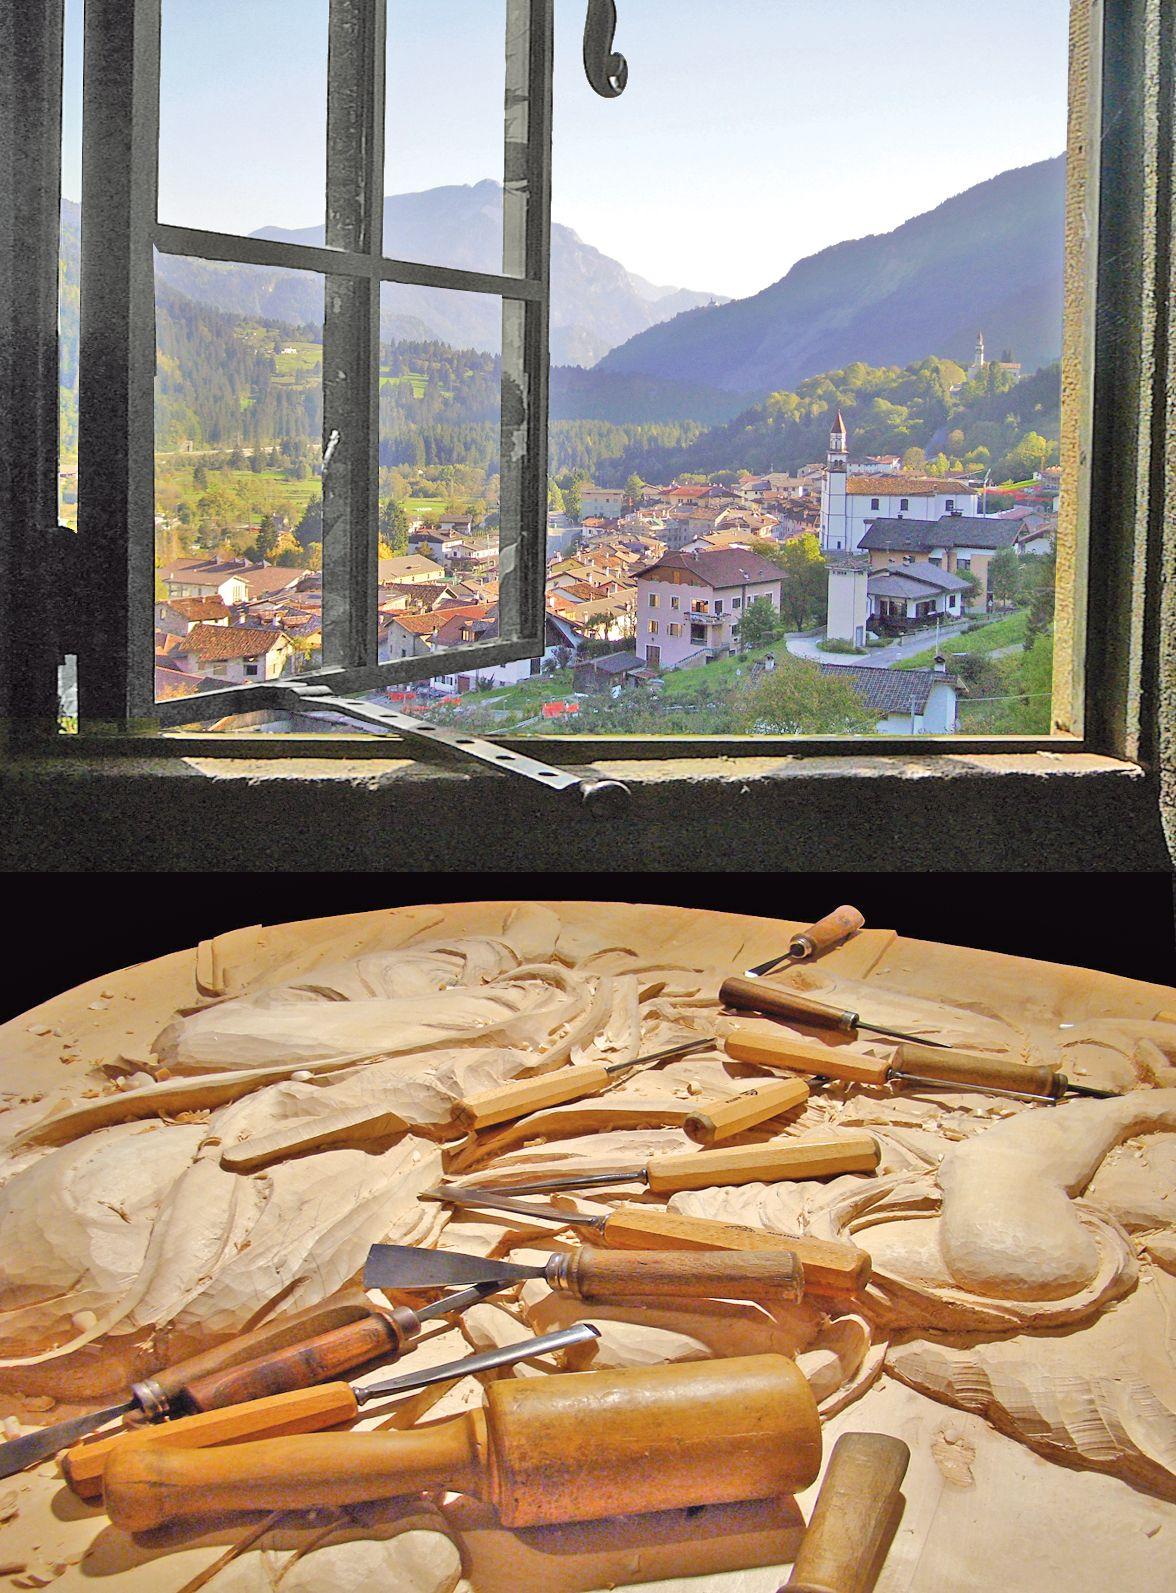 Sutrio - Magia del legno, scultura artigiana in Carnia